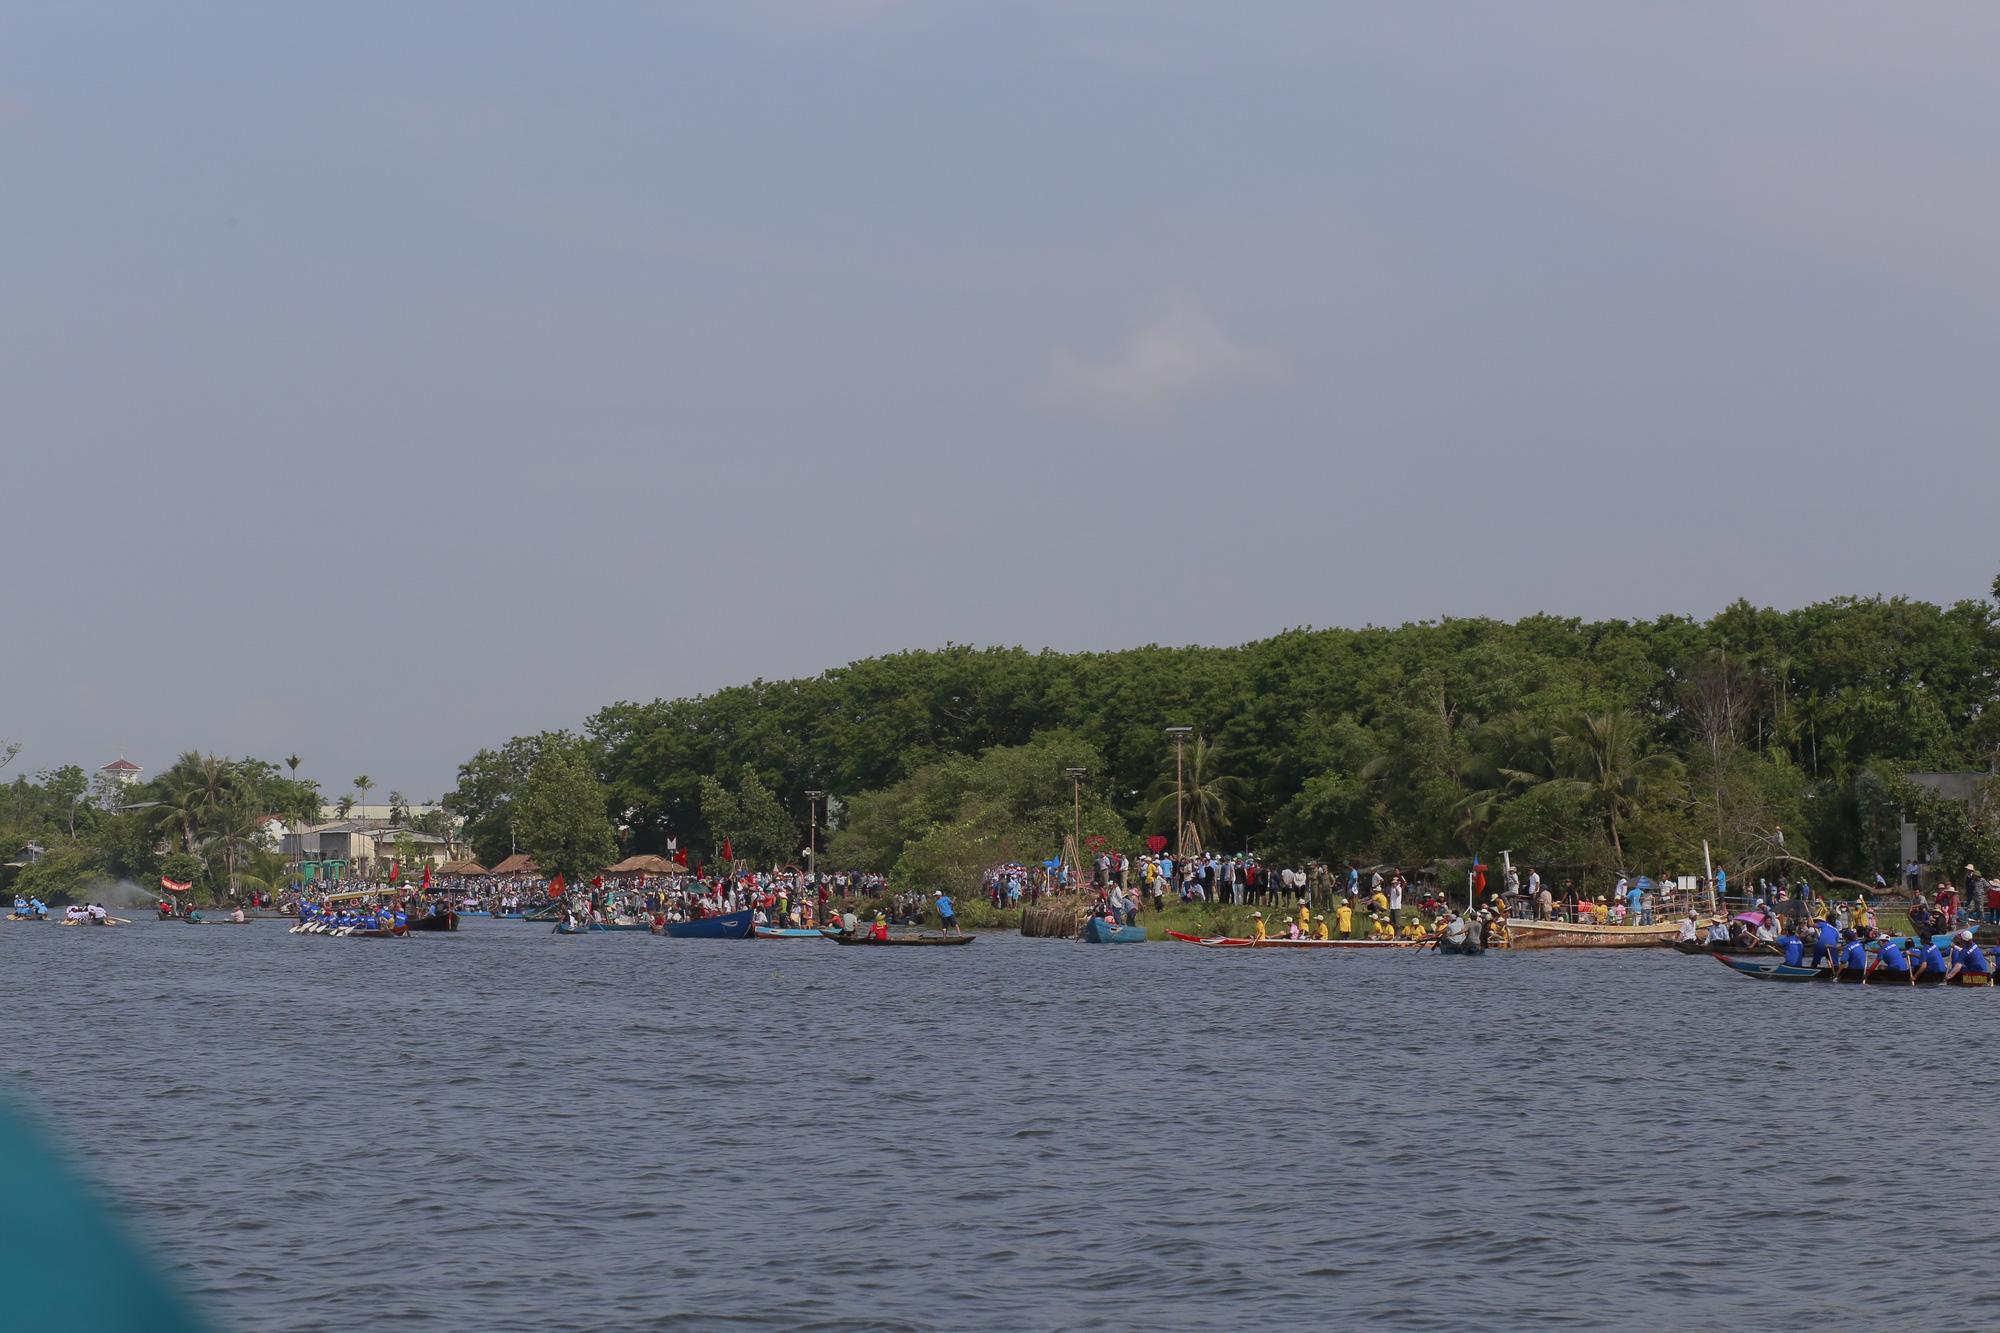 Quảng Nam: Trèo cây, leo nóc nhà để xem đua thuyền ở Tam Kỳ - Ảnh 7.